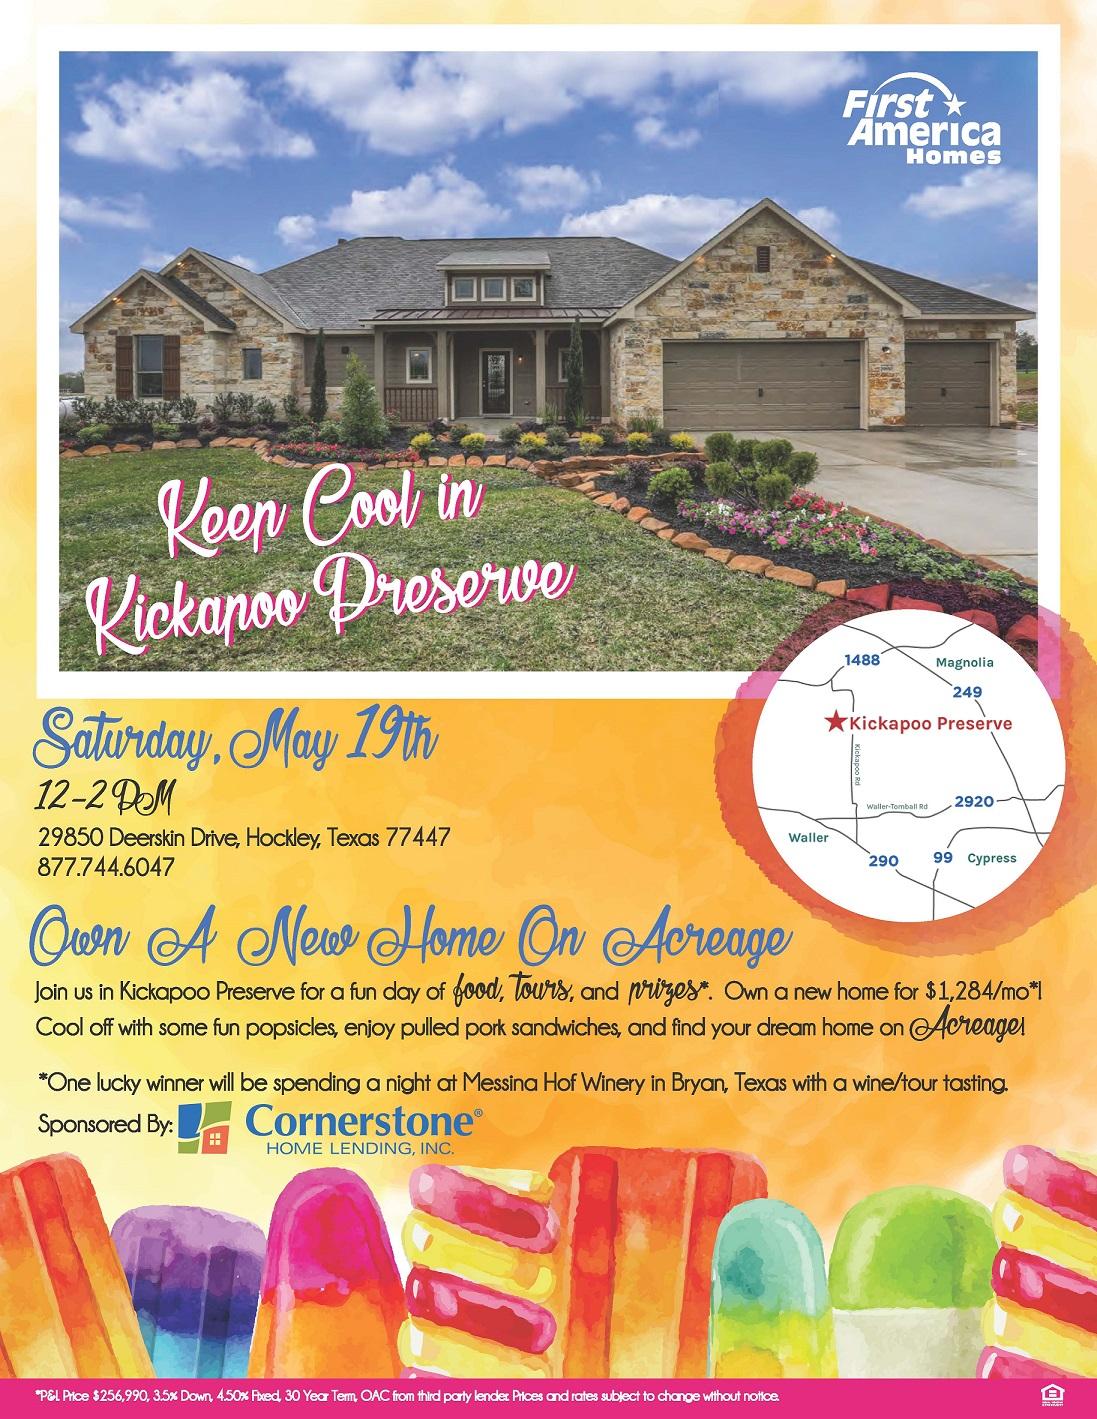 FAH Kickapoo Preserve Event Flyer